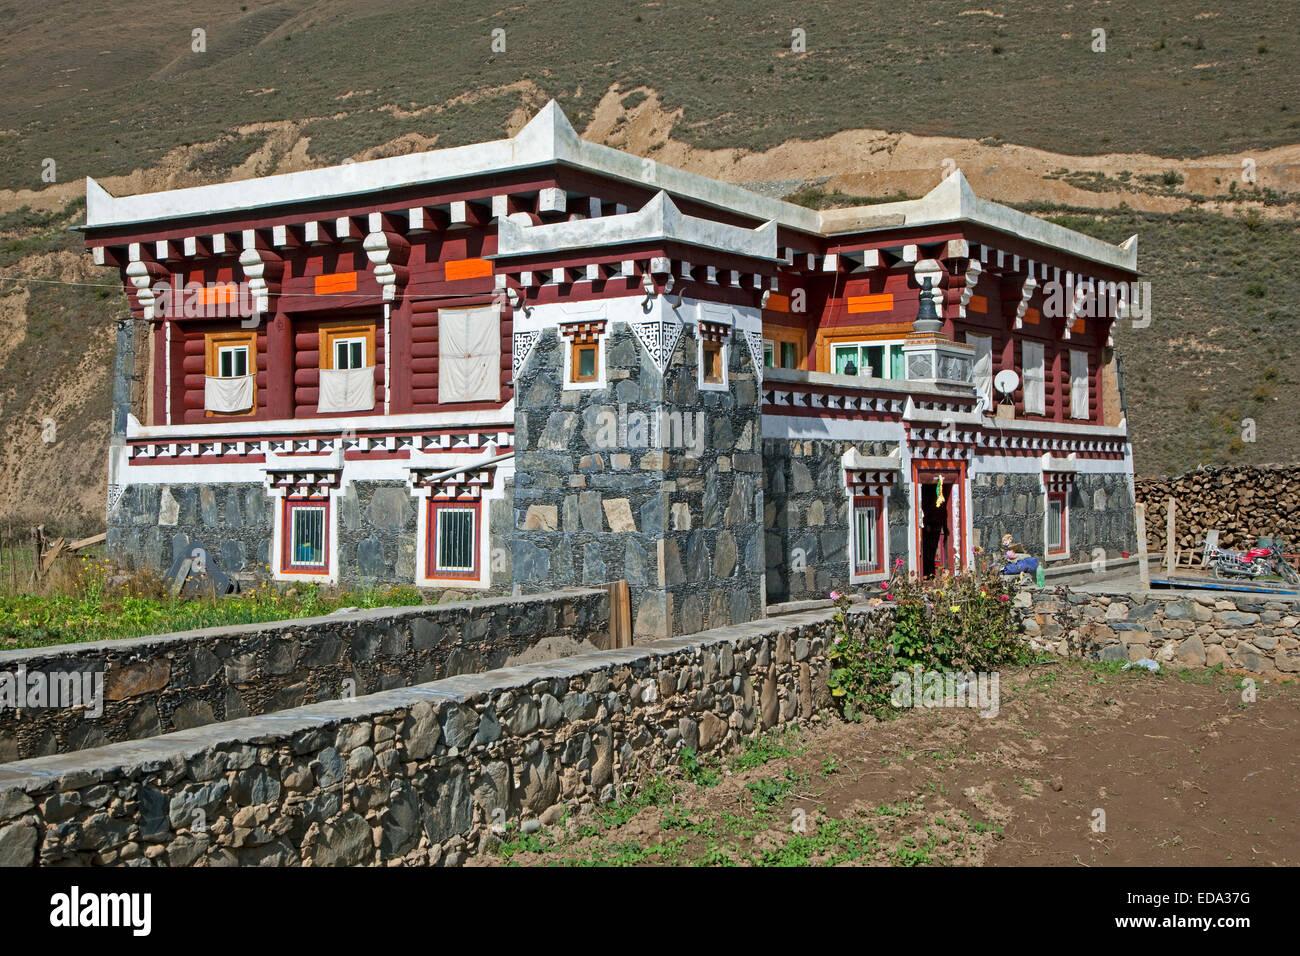 L'architecture tibétaine sur campagne montrant granite-house moderne avec toit plat typique et peu de guet, Photo Stock